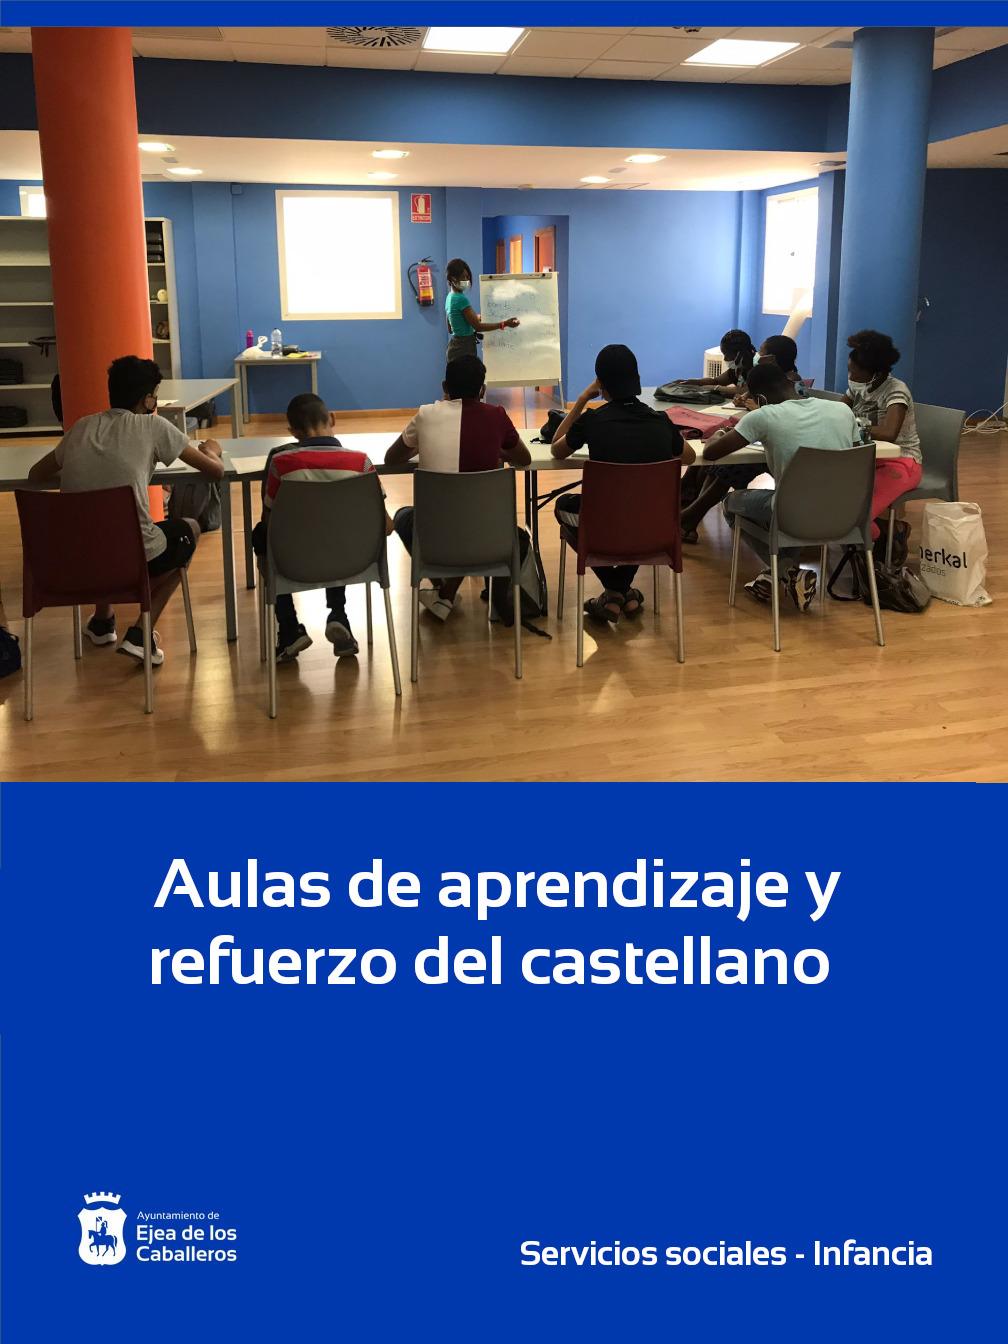 Aulas de aprendizaje y refuerzo del castellano para niños/as inmigrantes